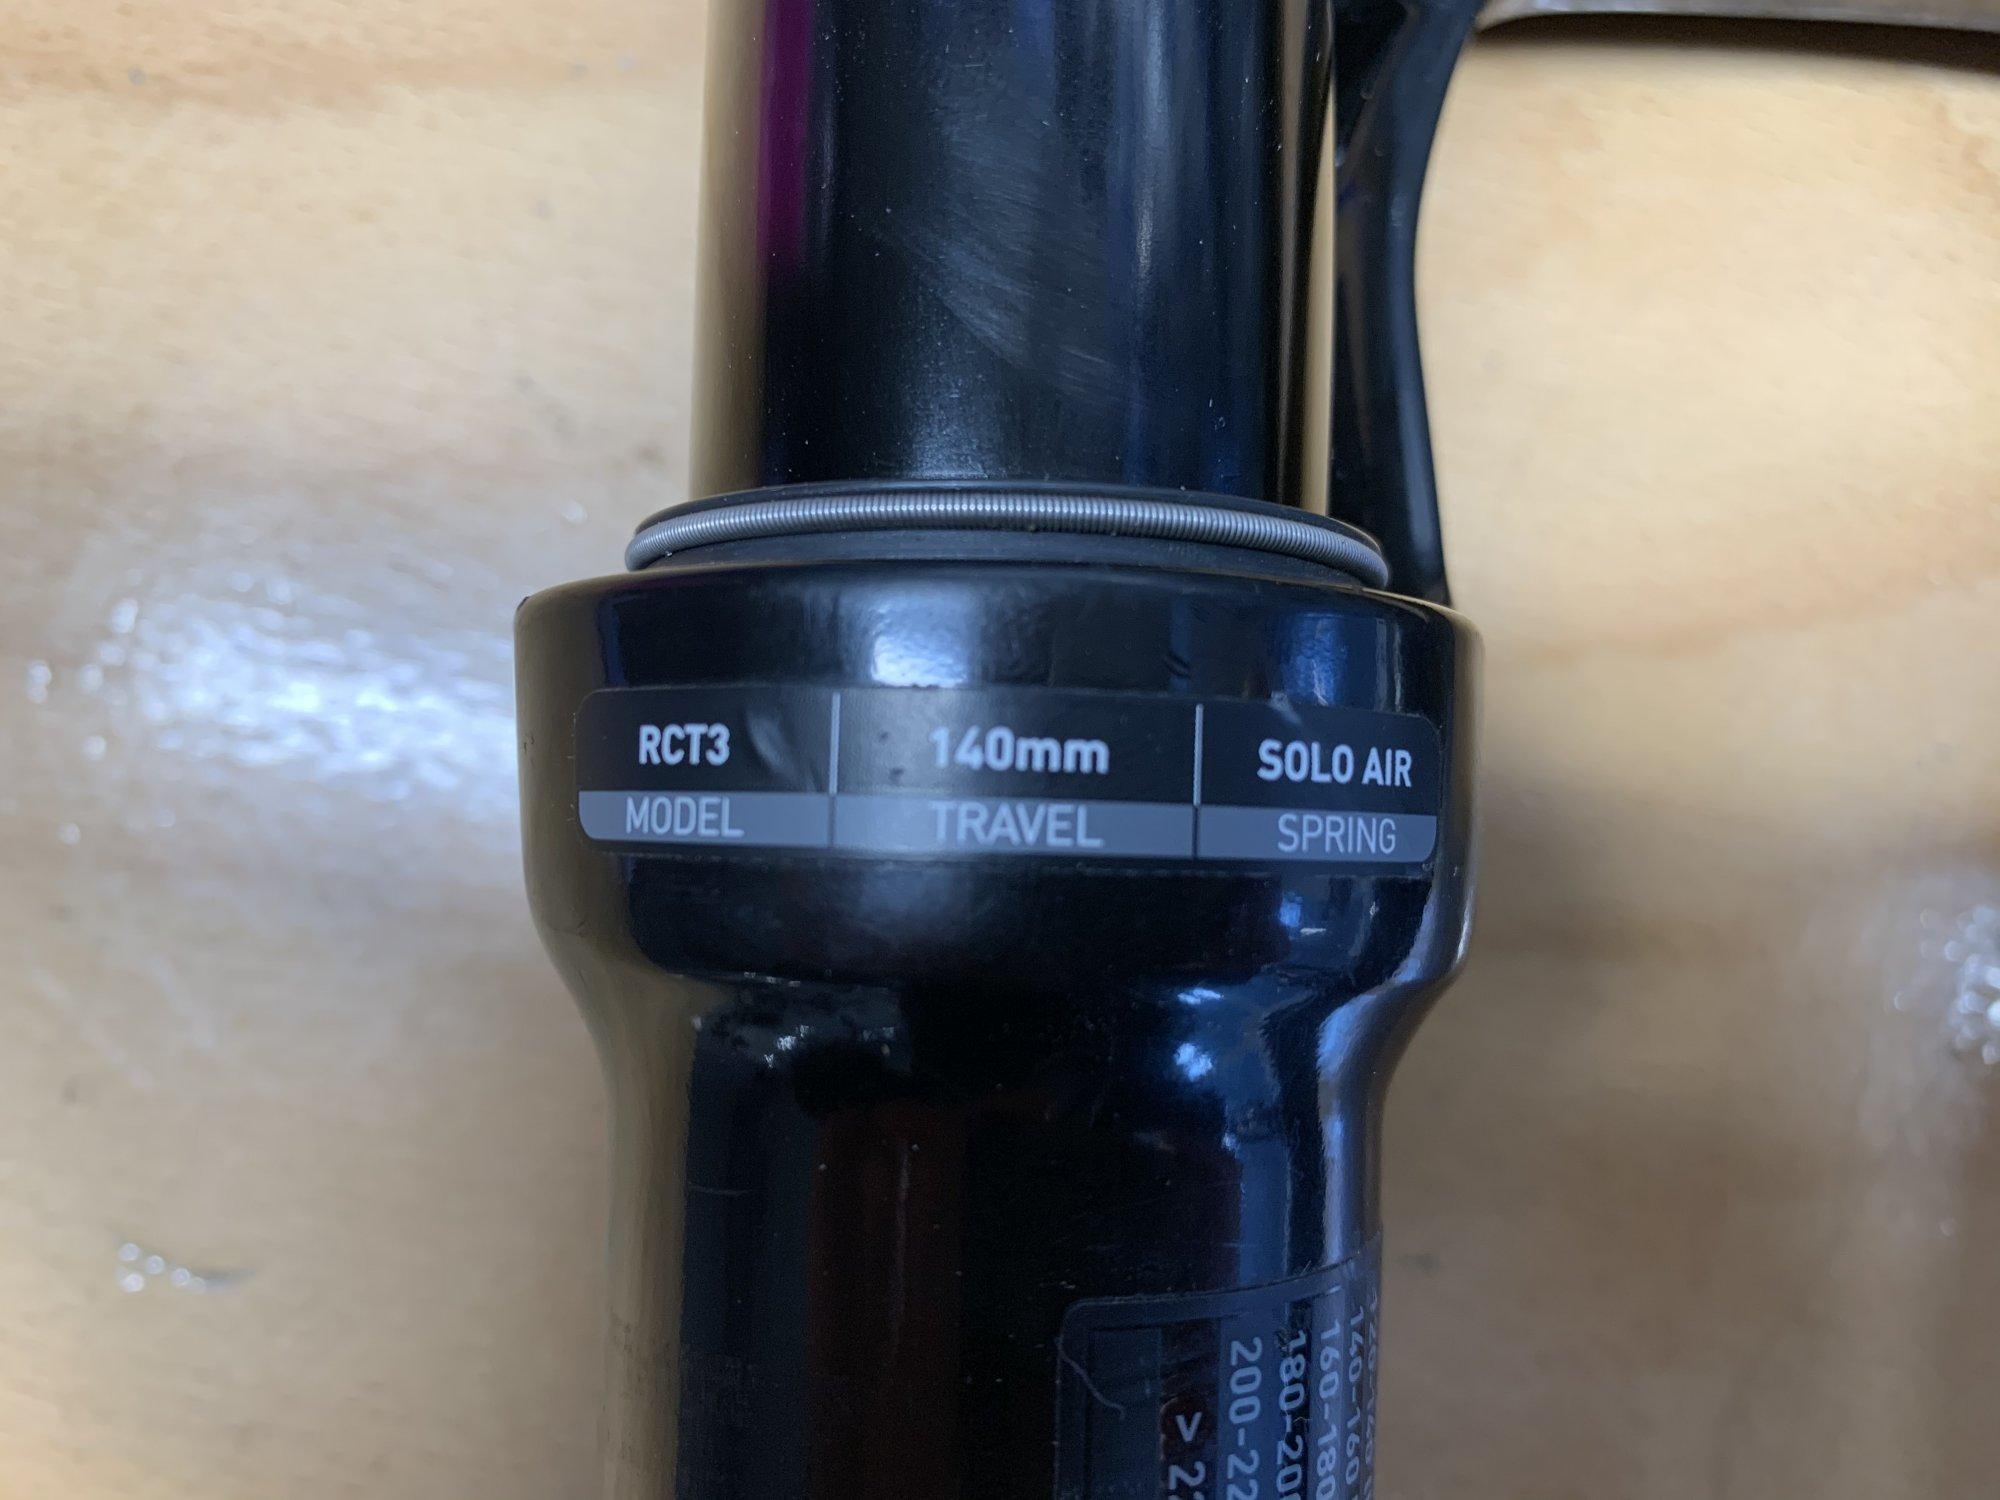 E49B052F-CE67-4F96-9C5E-1DAFC8519427.jpeg